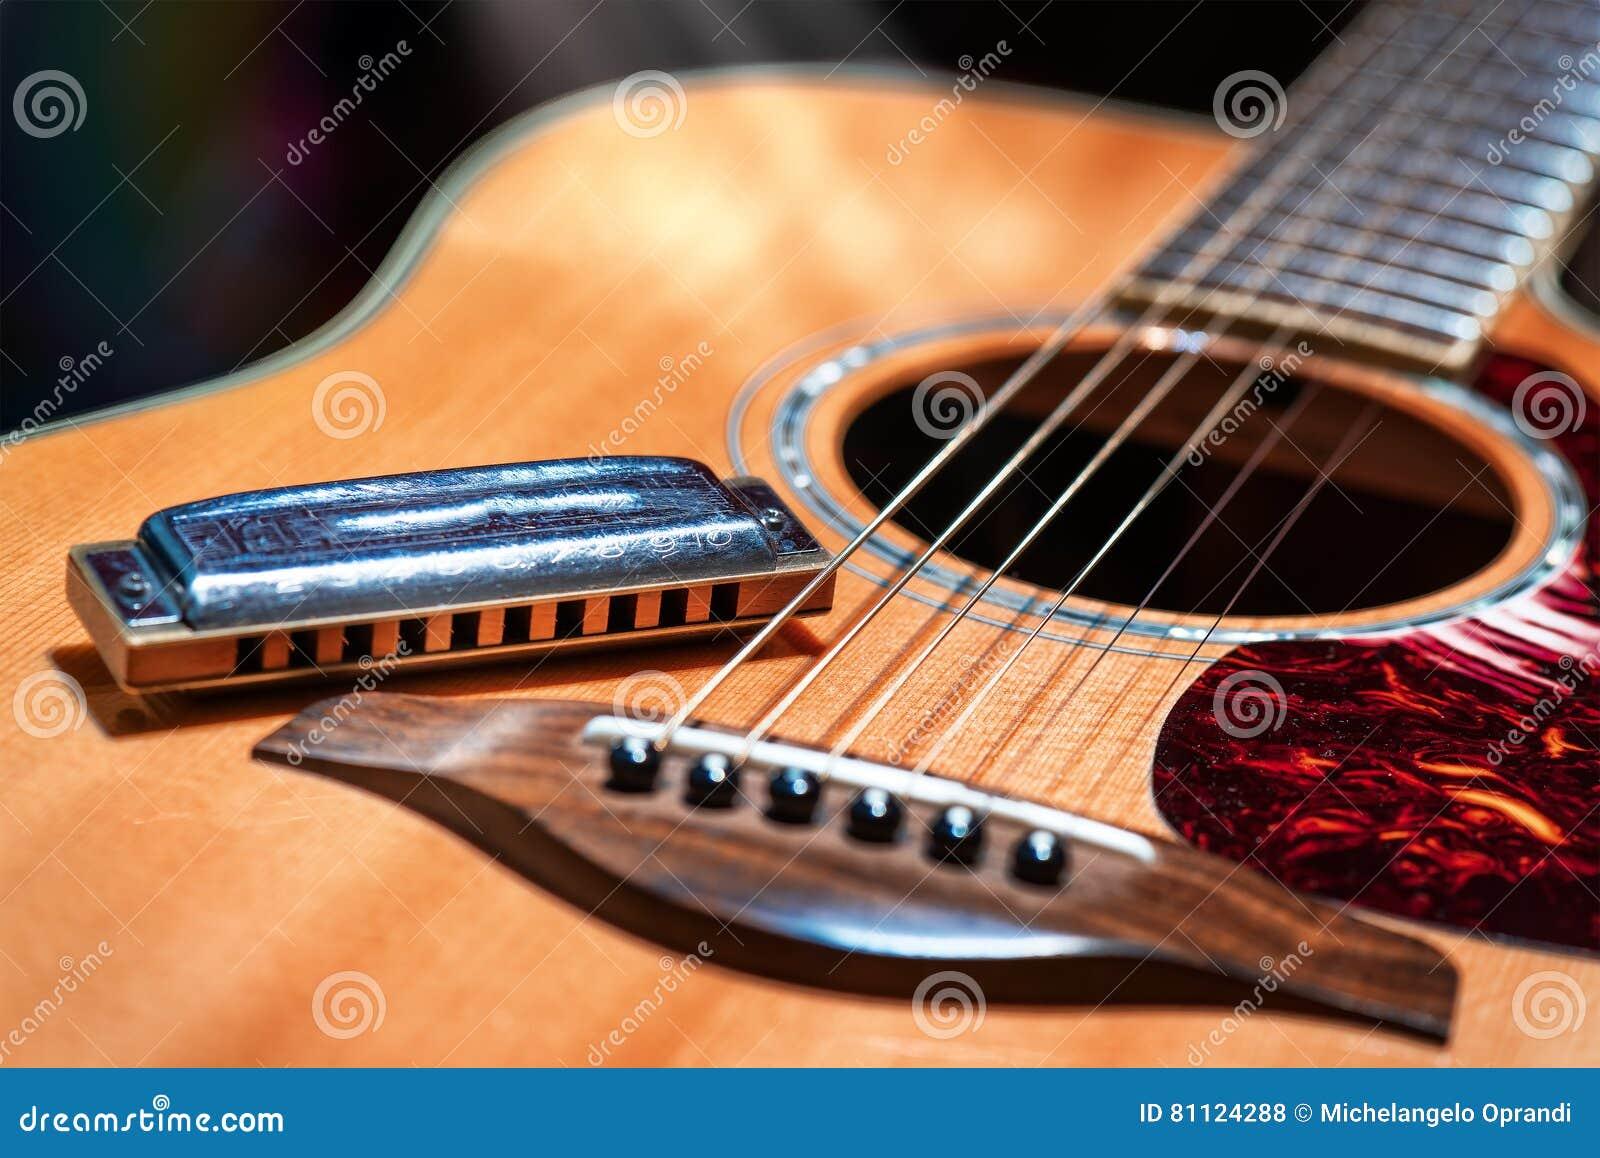 Akoestische gitaar met het land van de blauwharmonika